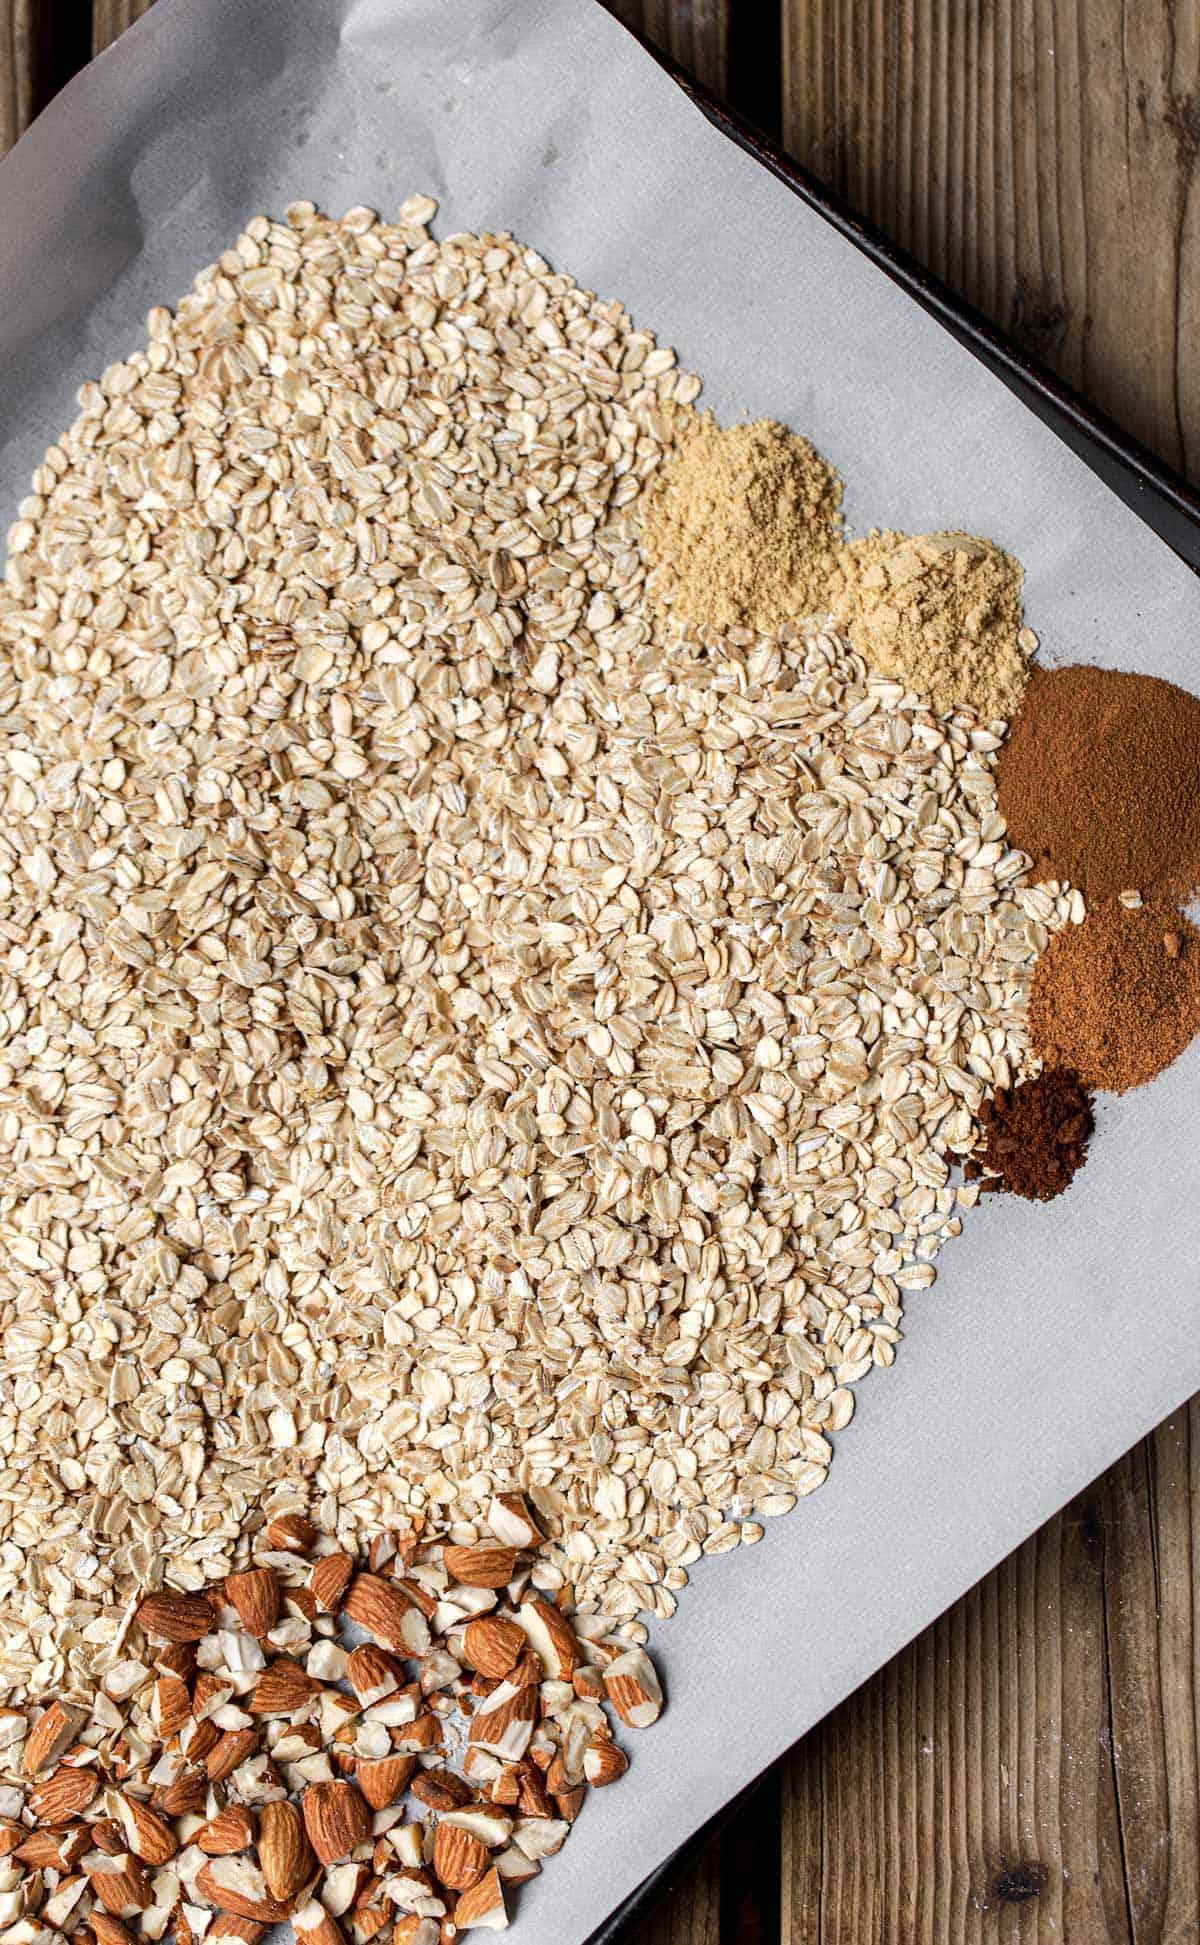 homemade granola bar ingredients